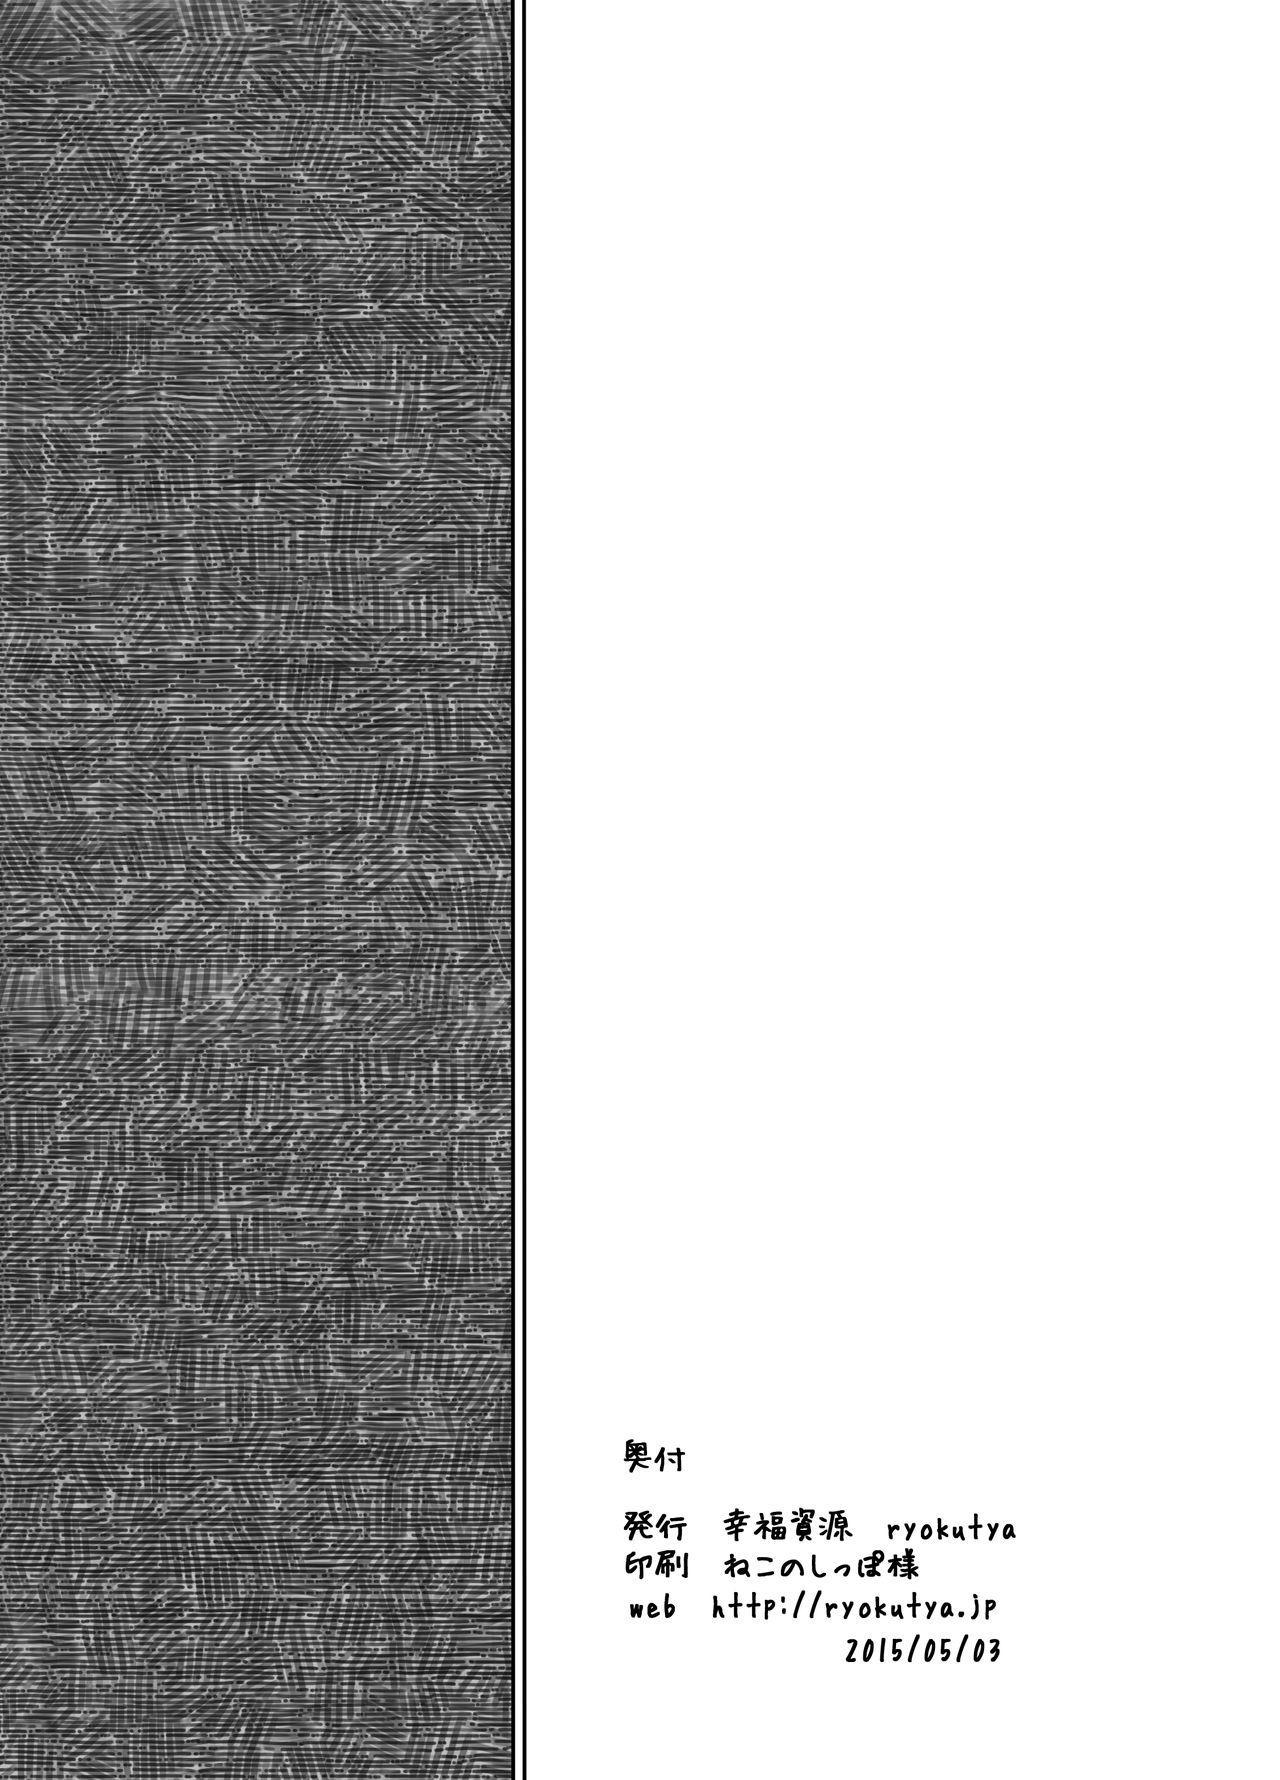 Juuzoku no Yorokobi 10